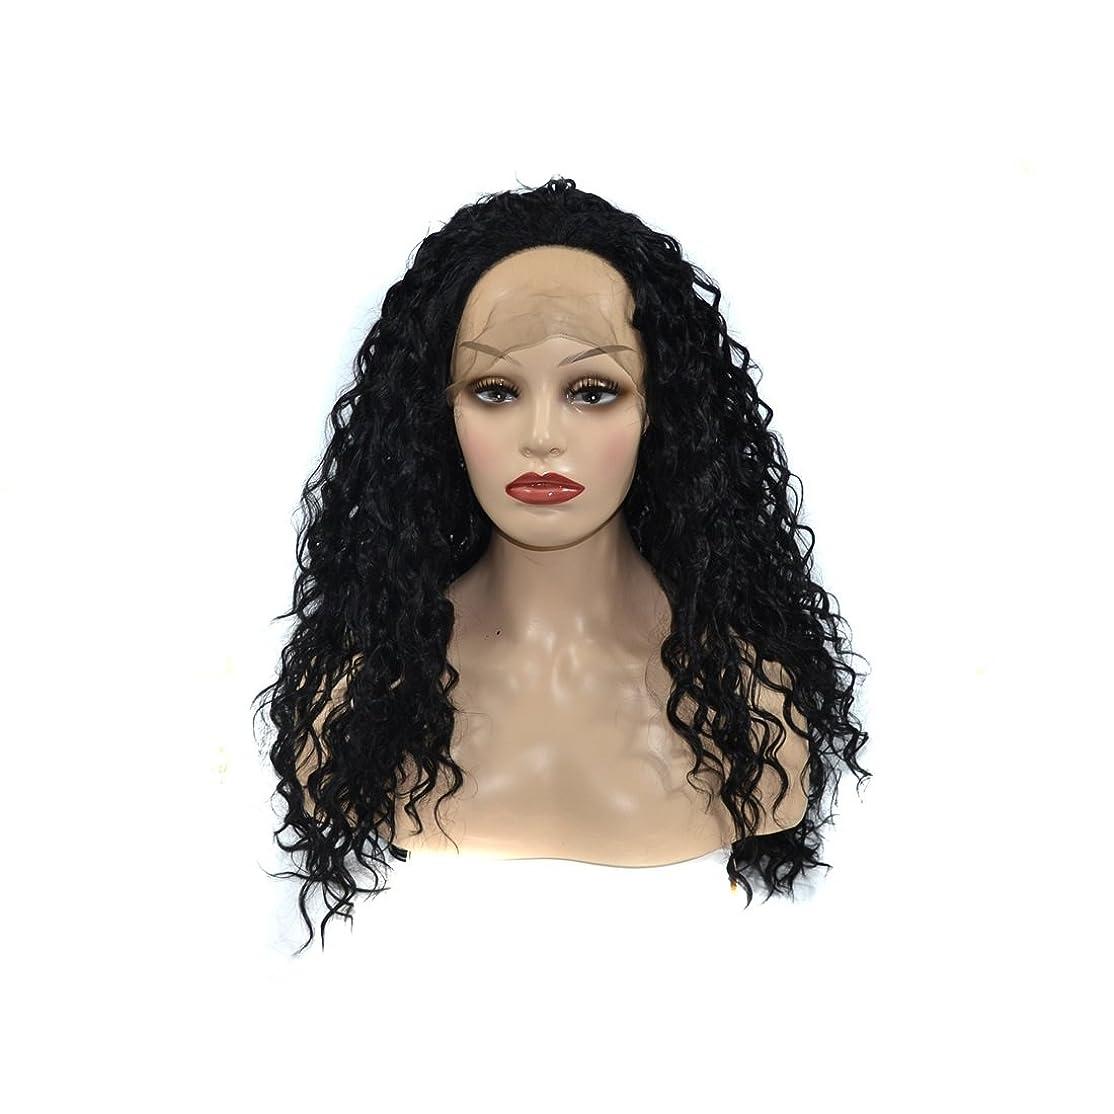 衰える目覚めるグッゲンハイム美術館Doyvanntgo 女性のための26inch長いカーリーウィッグレースフロントブラックヘアフラットバンズと高温シルク合成髪ウィッグ髪の耐熱性 (Color : ブラック)